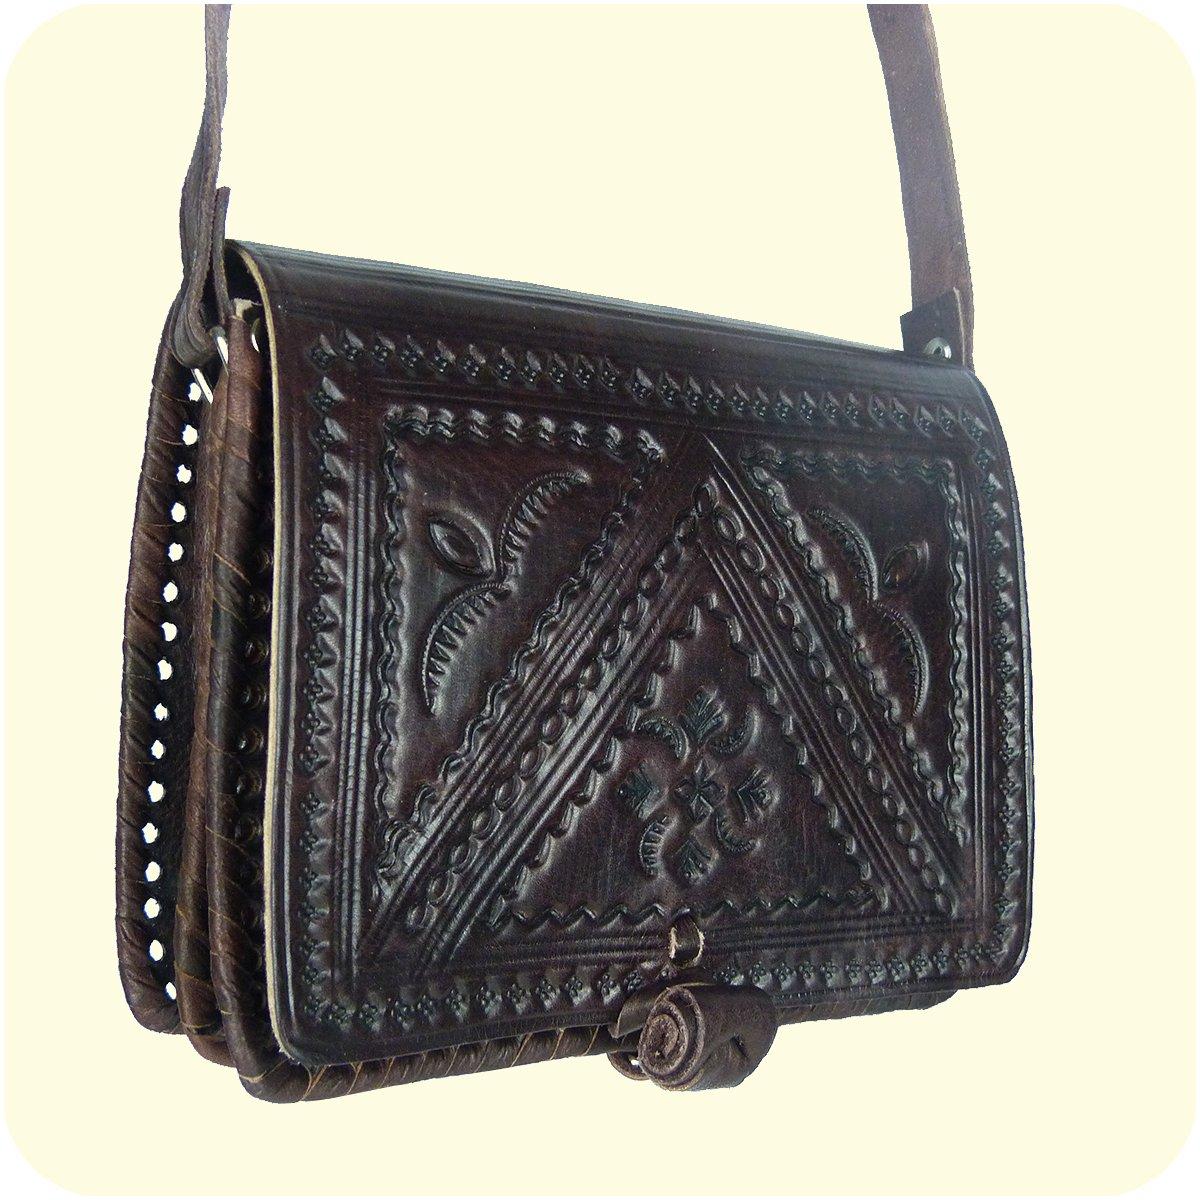 """aafb707d14fad Leder Handtasche """"Casablanca"""" 16x19cm in dunkelbraun • marokkanische  Umhängetasche mit dekorativer Lederprägung • 100% Handarbeit und Rindsleder  • mit ..."""